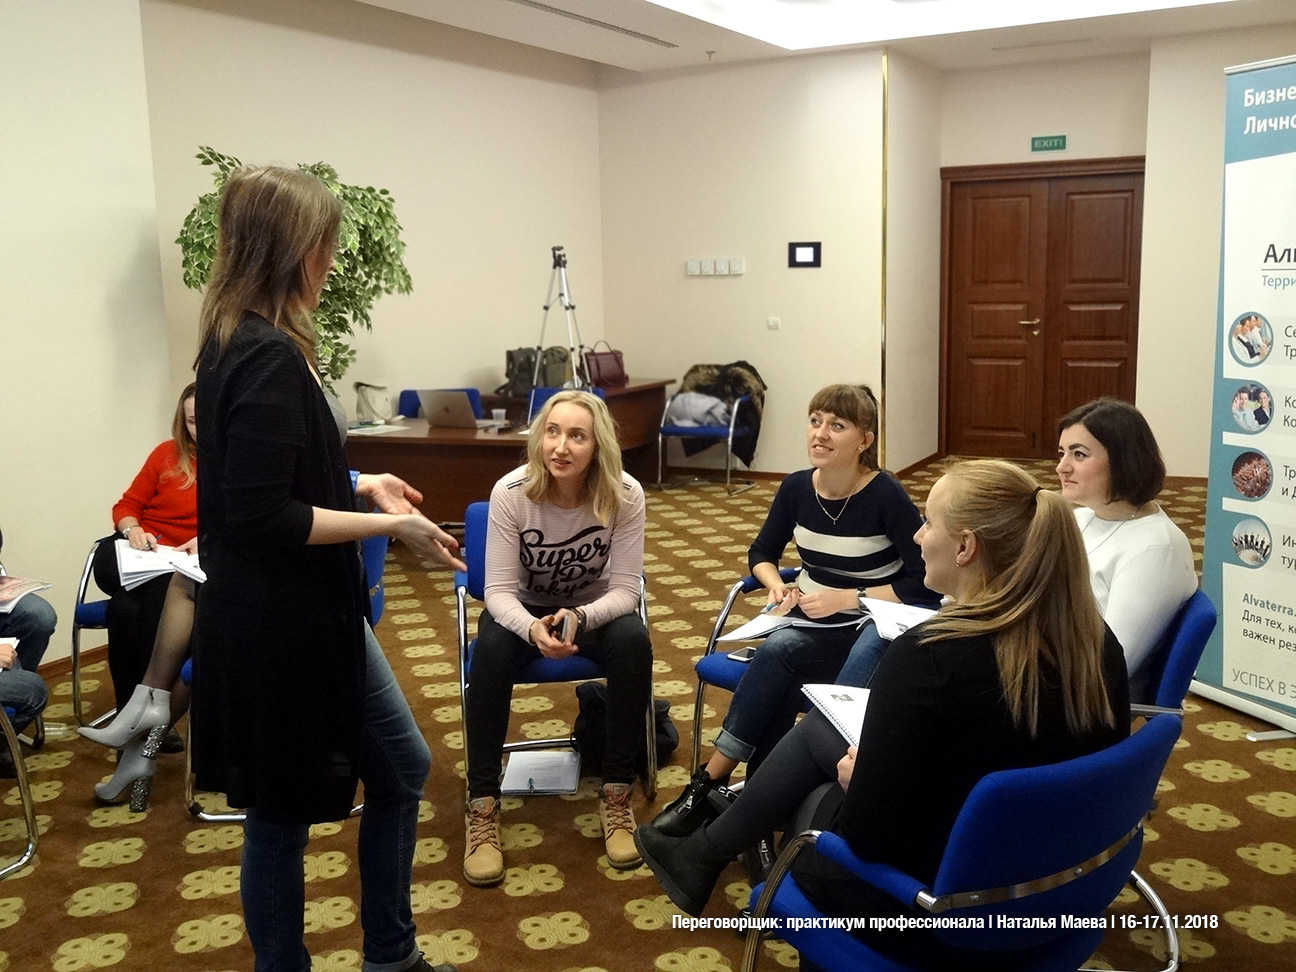 тренинг по управлению в Минске